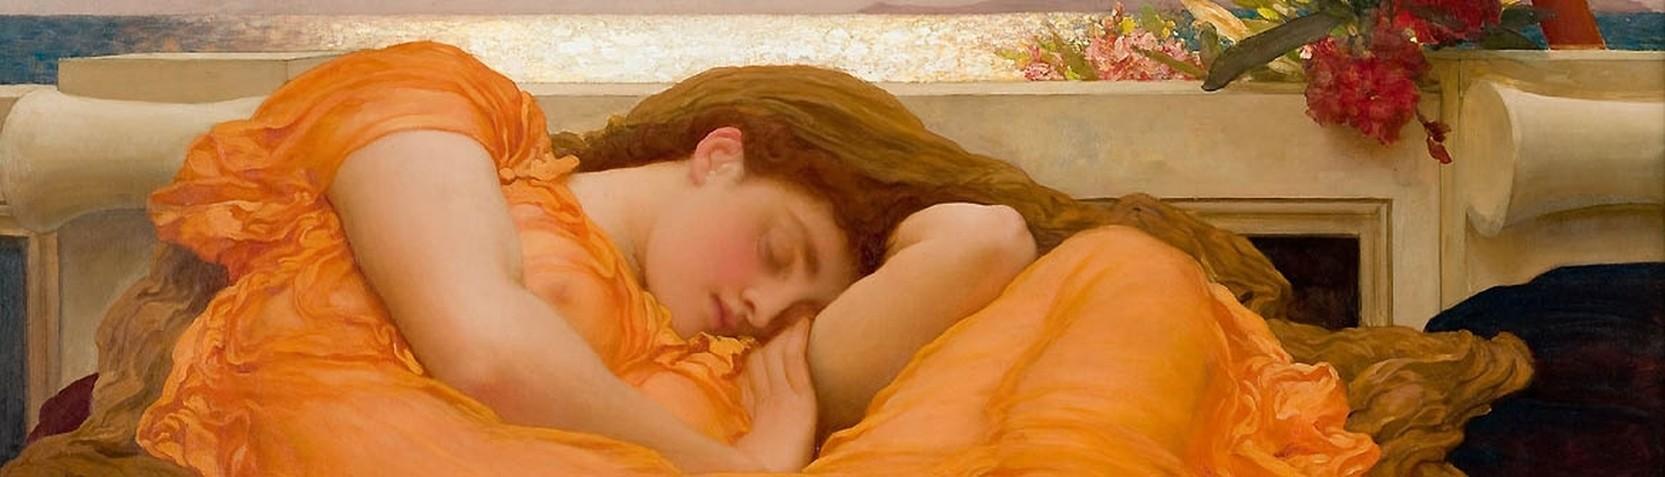 Artists - Frederic Leighton